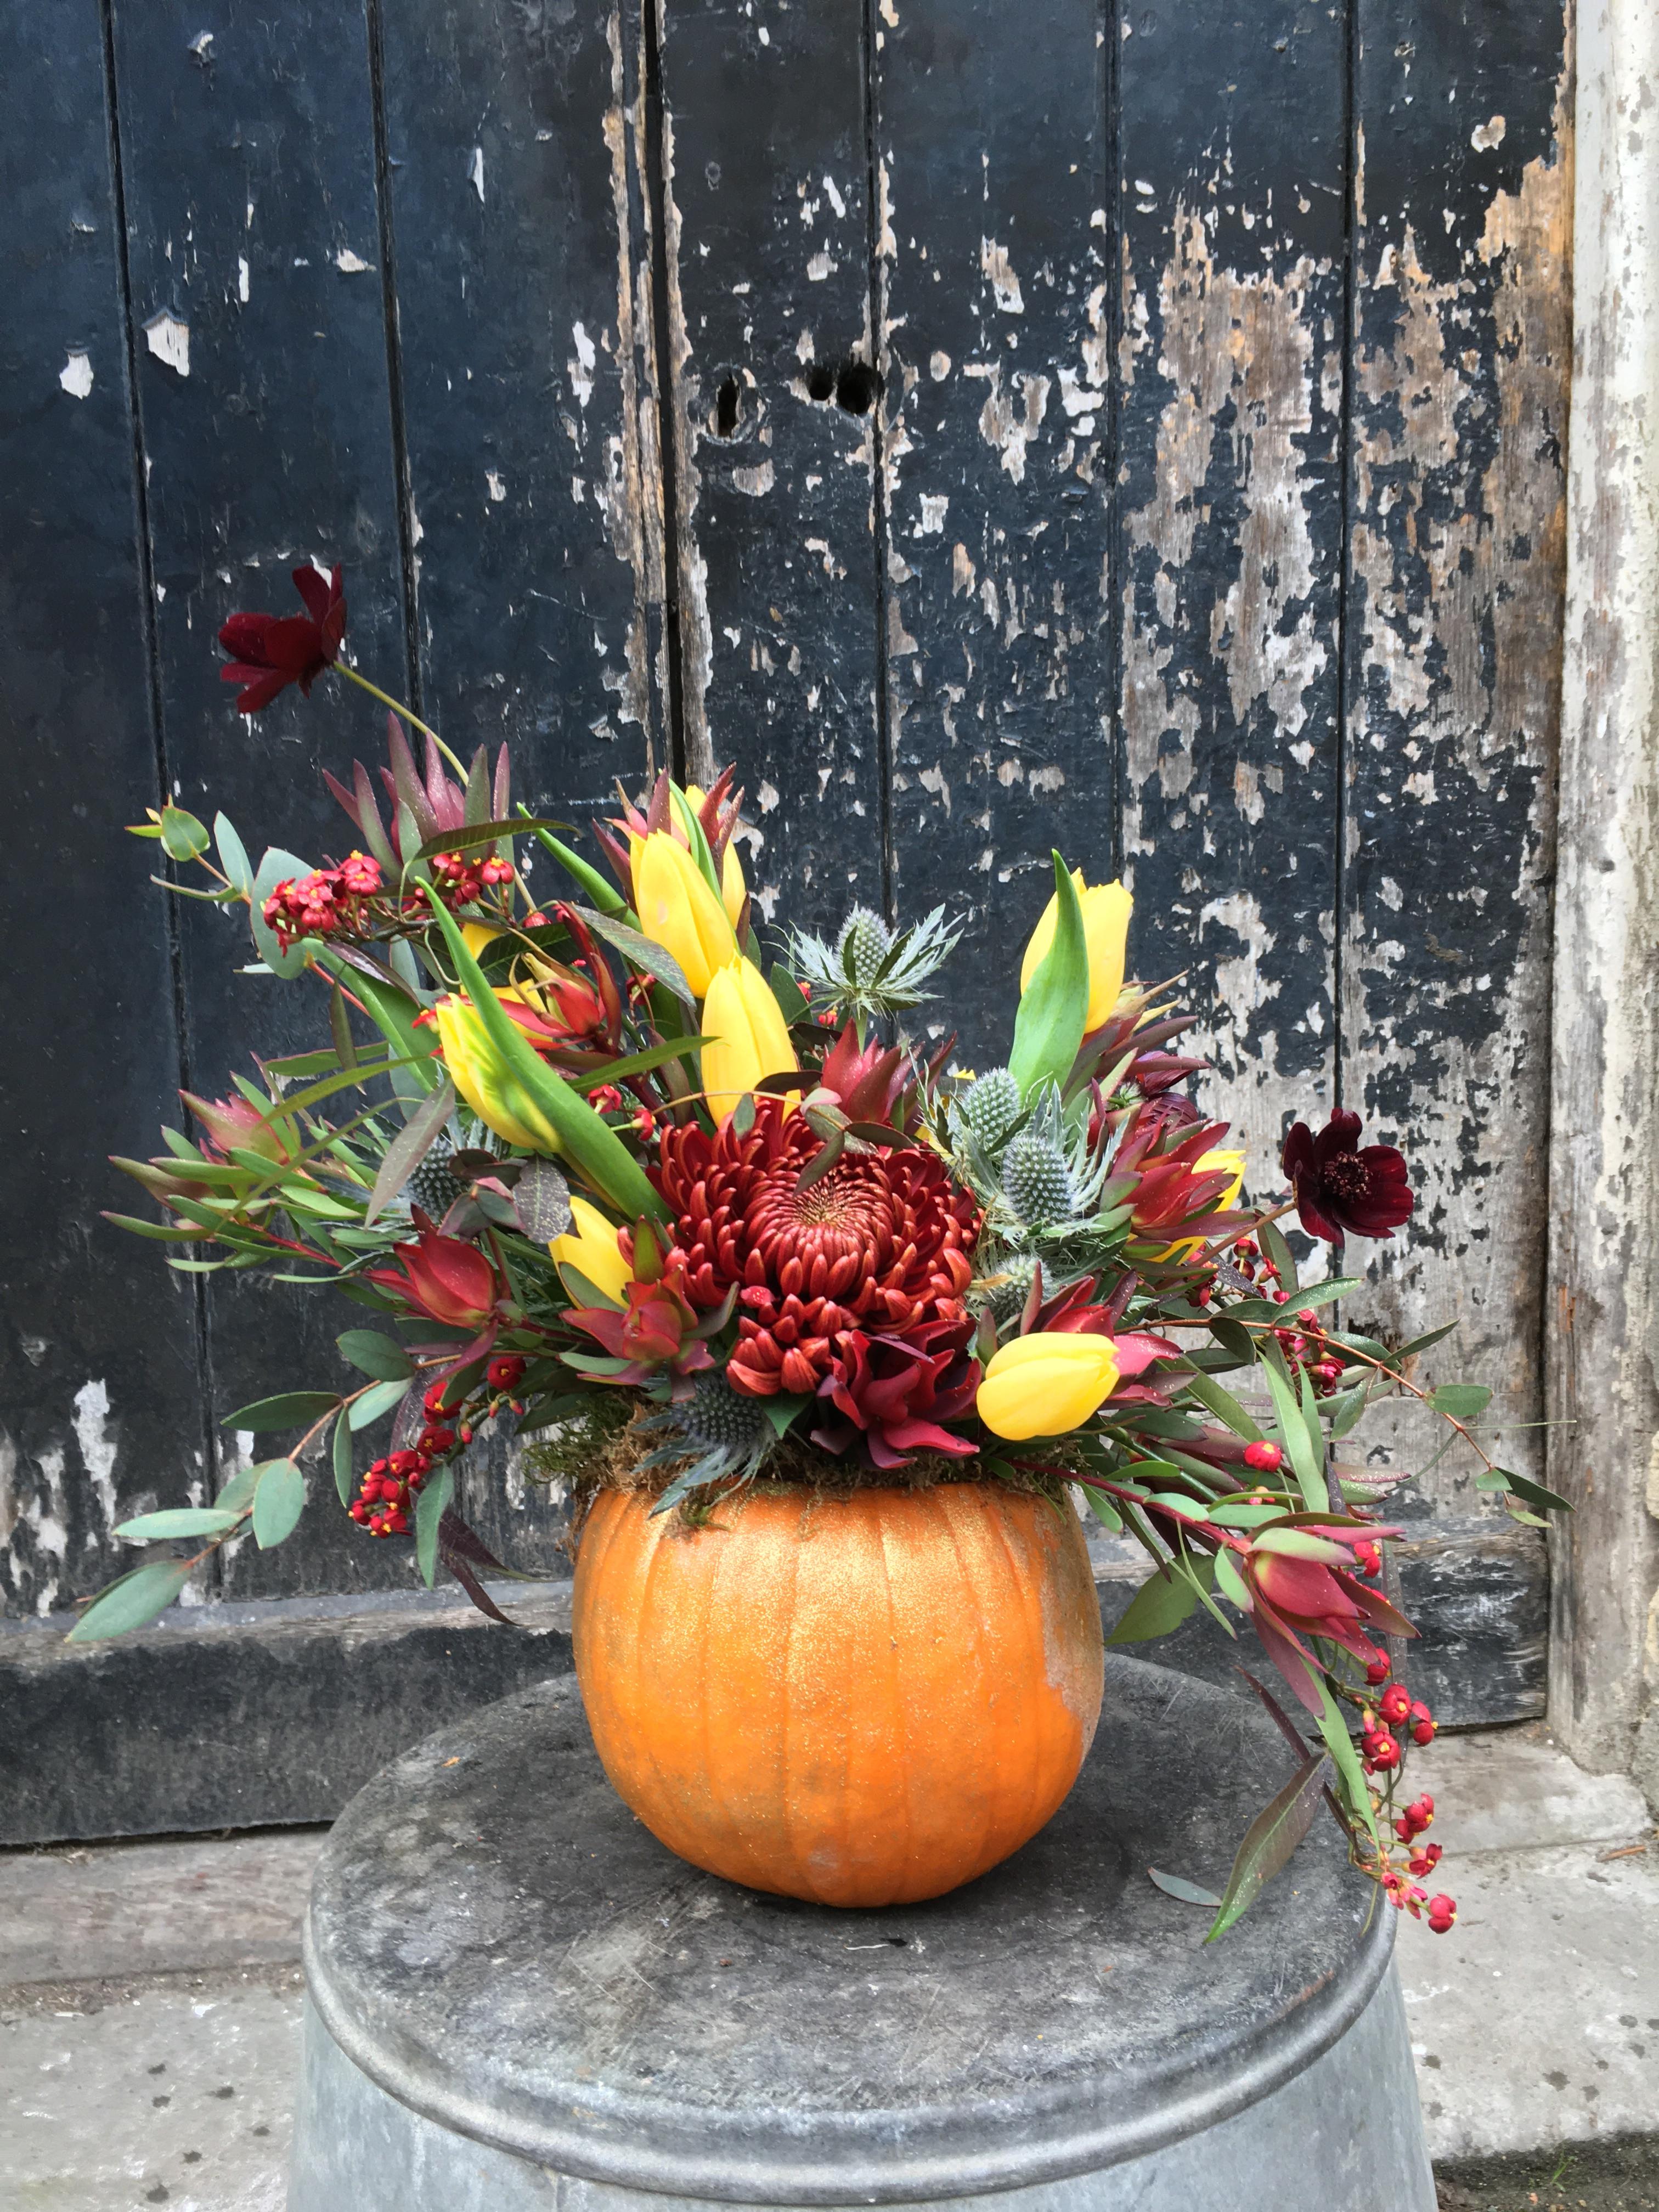 Floral Pumpkins 30/10/21 10-12:00